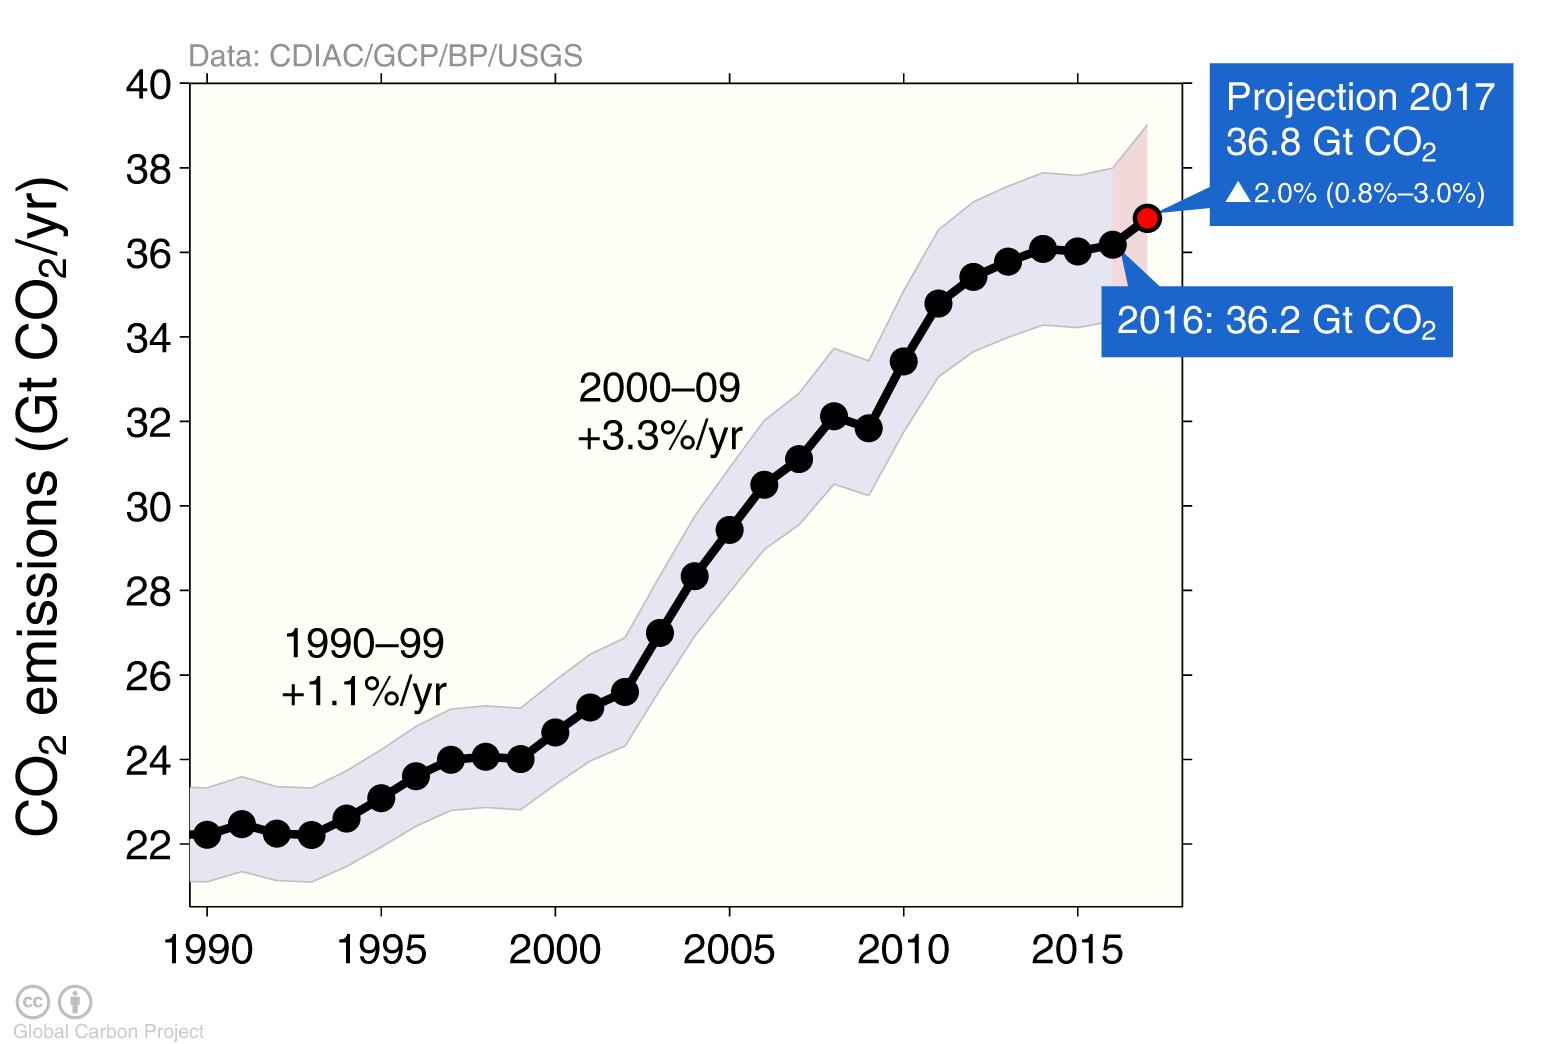 Hausse des émissions de CO2 en 2017